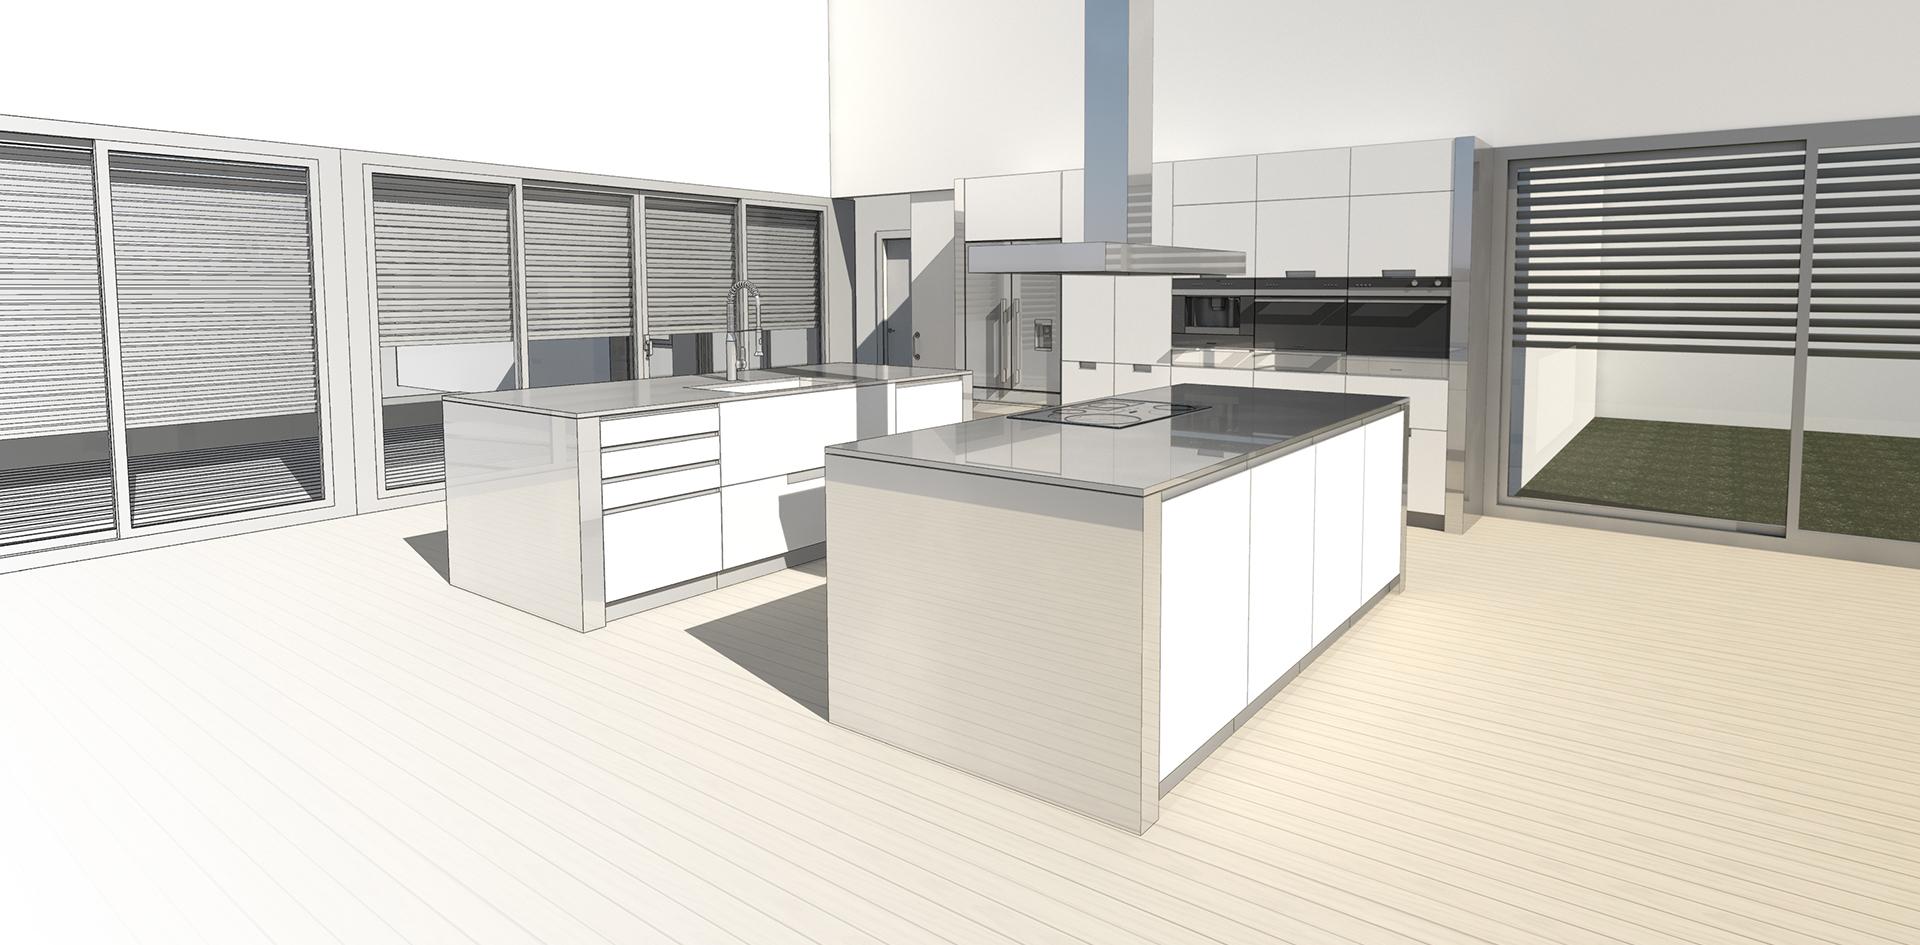 Muebles Revit Gratis ~ Obtenga ideas Diseño de muebles para su hogar ...